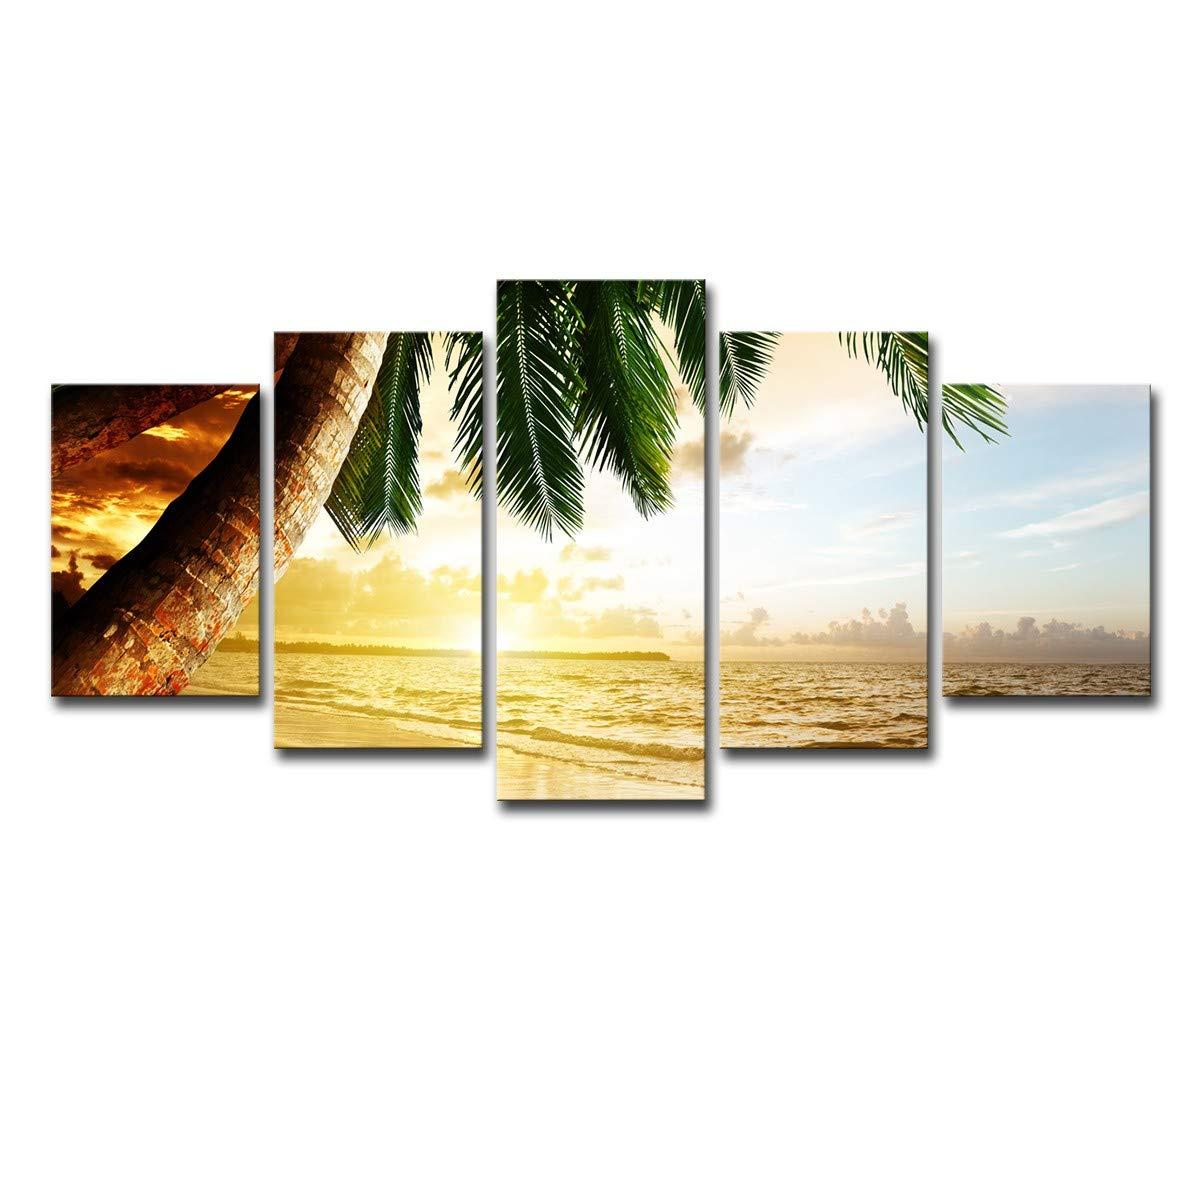 Imprime Dydongwl Panel Para Multi Imágenes Hd Arte De Lienzo shdtrCxQ